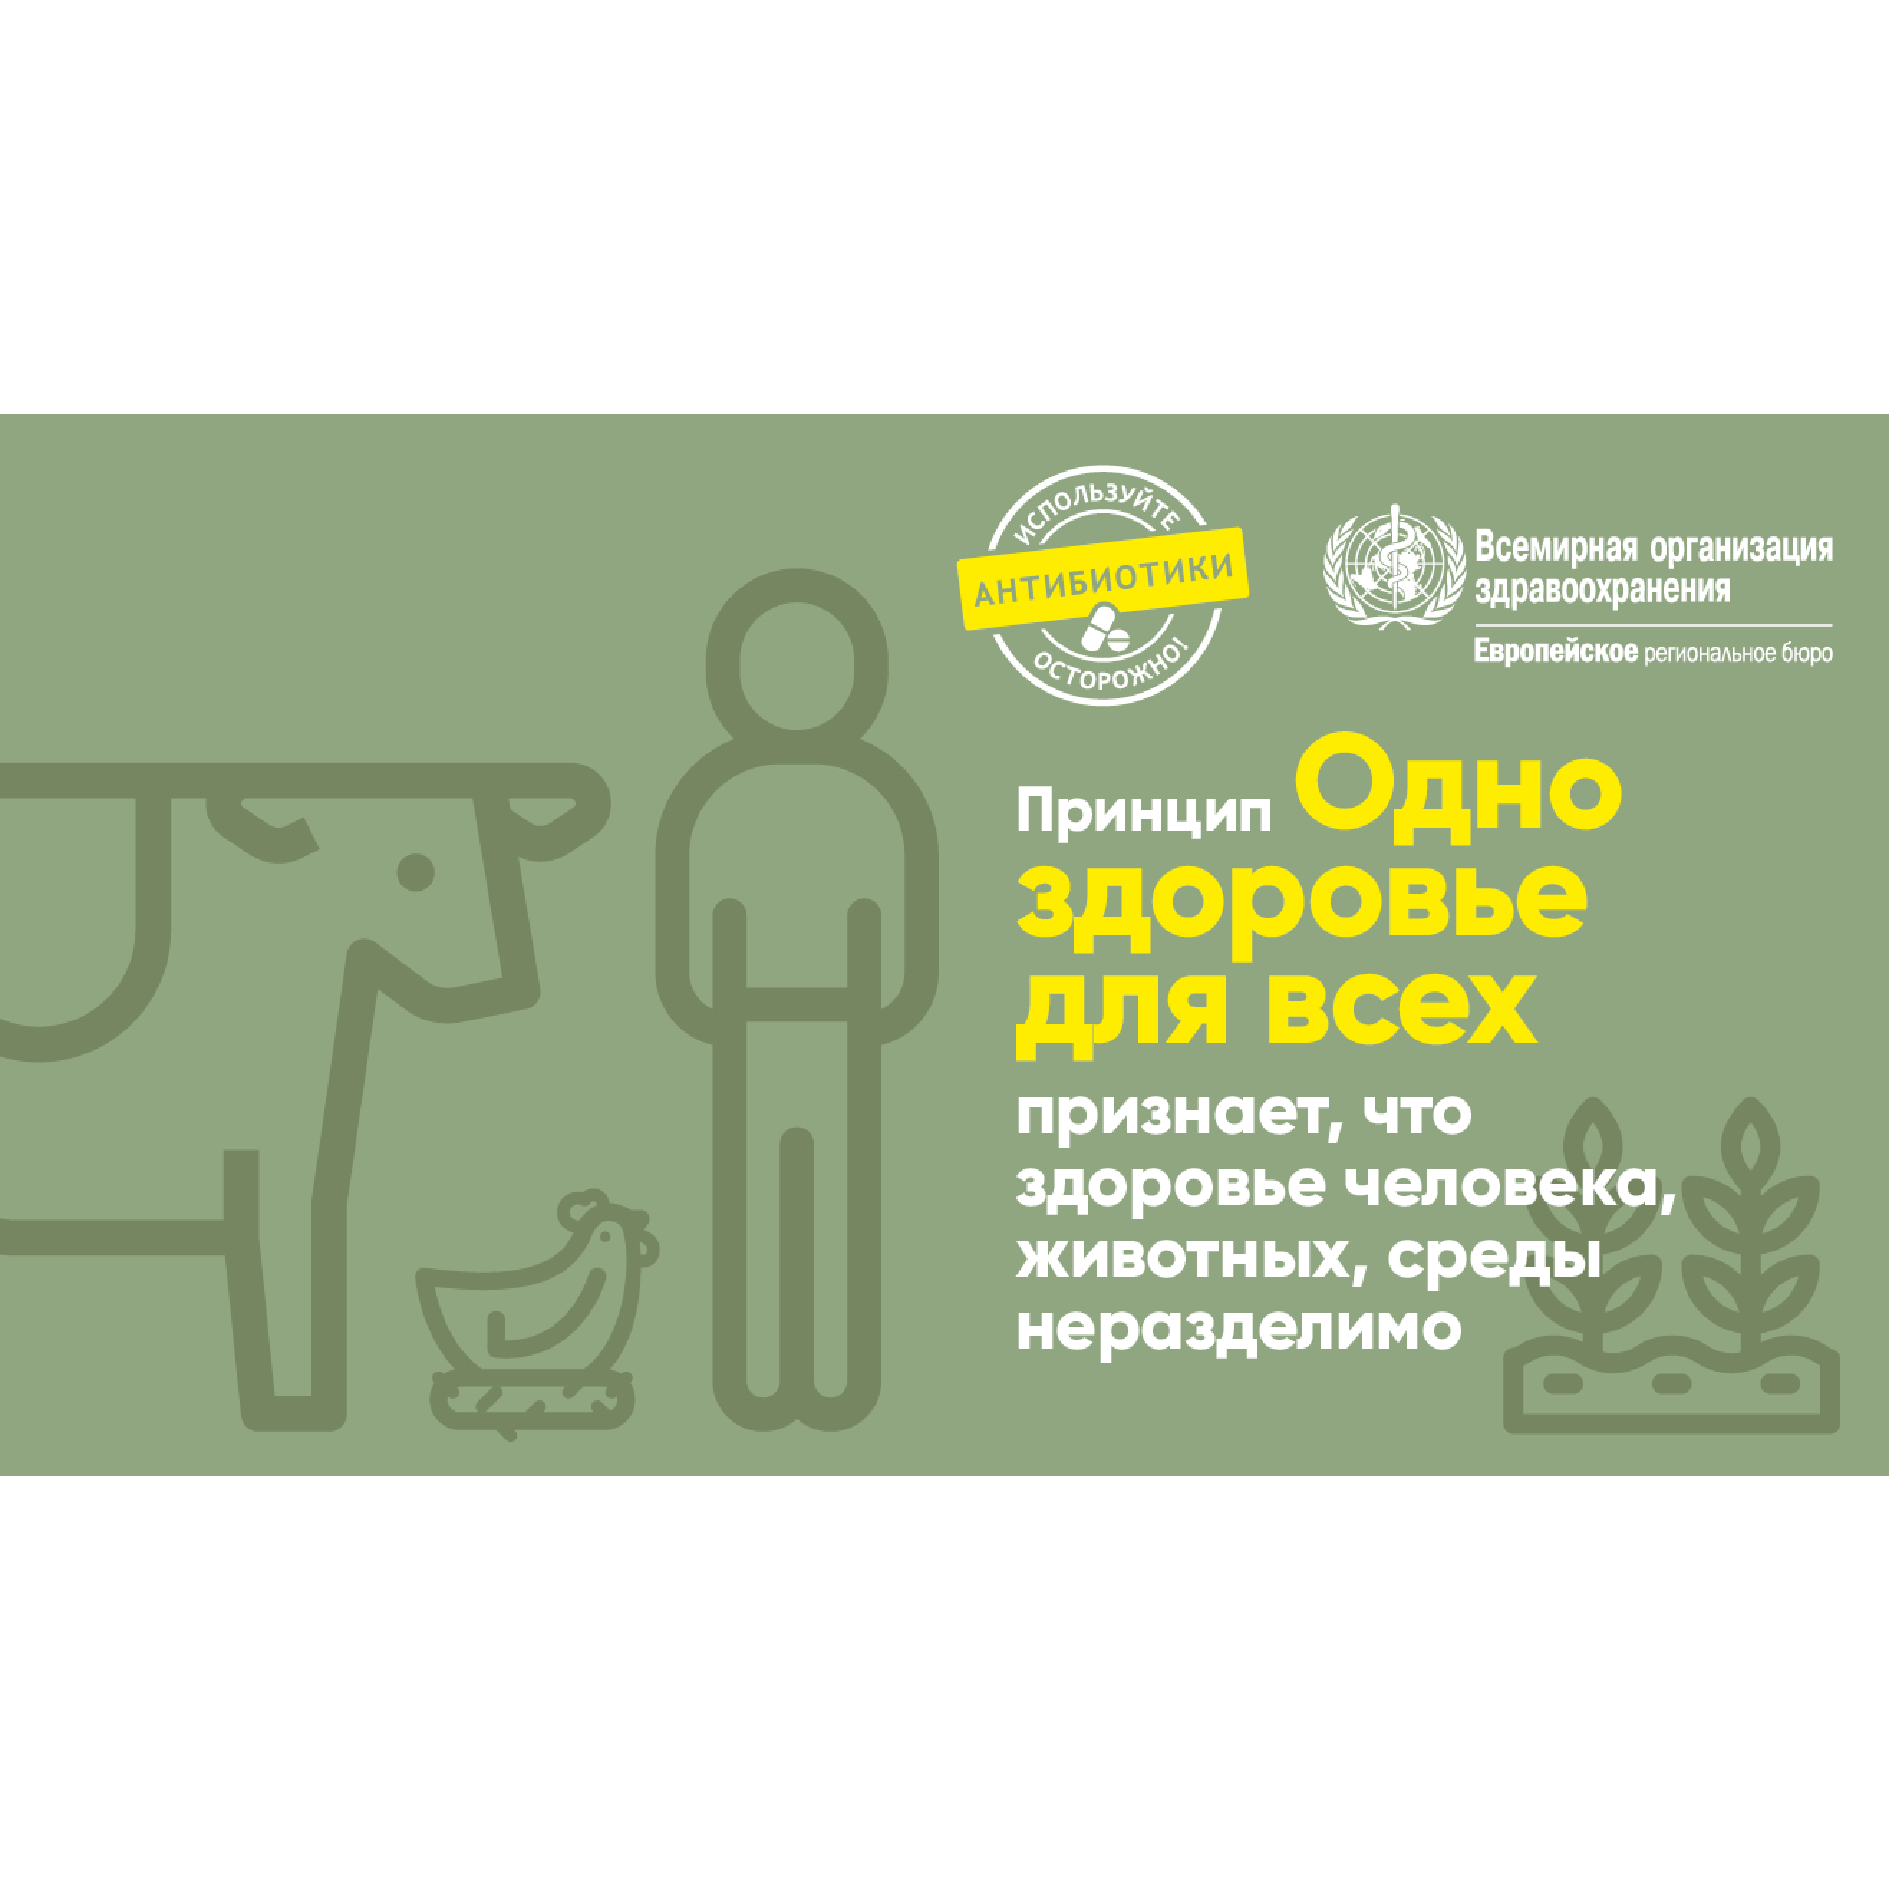 poster_принцип единое здоровье